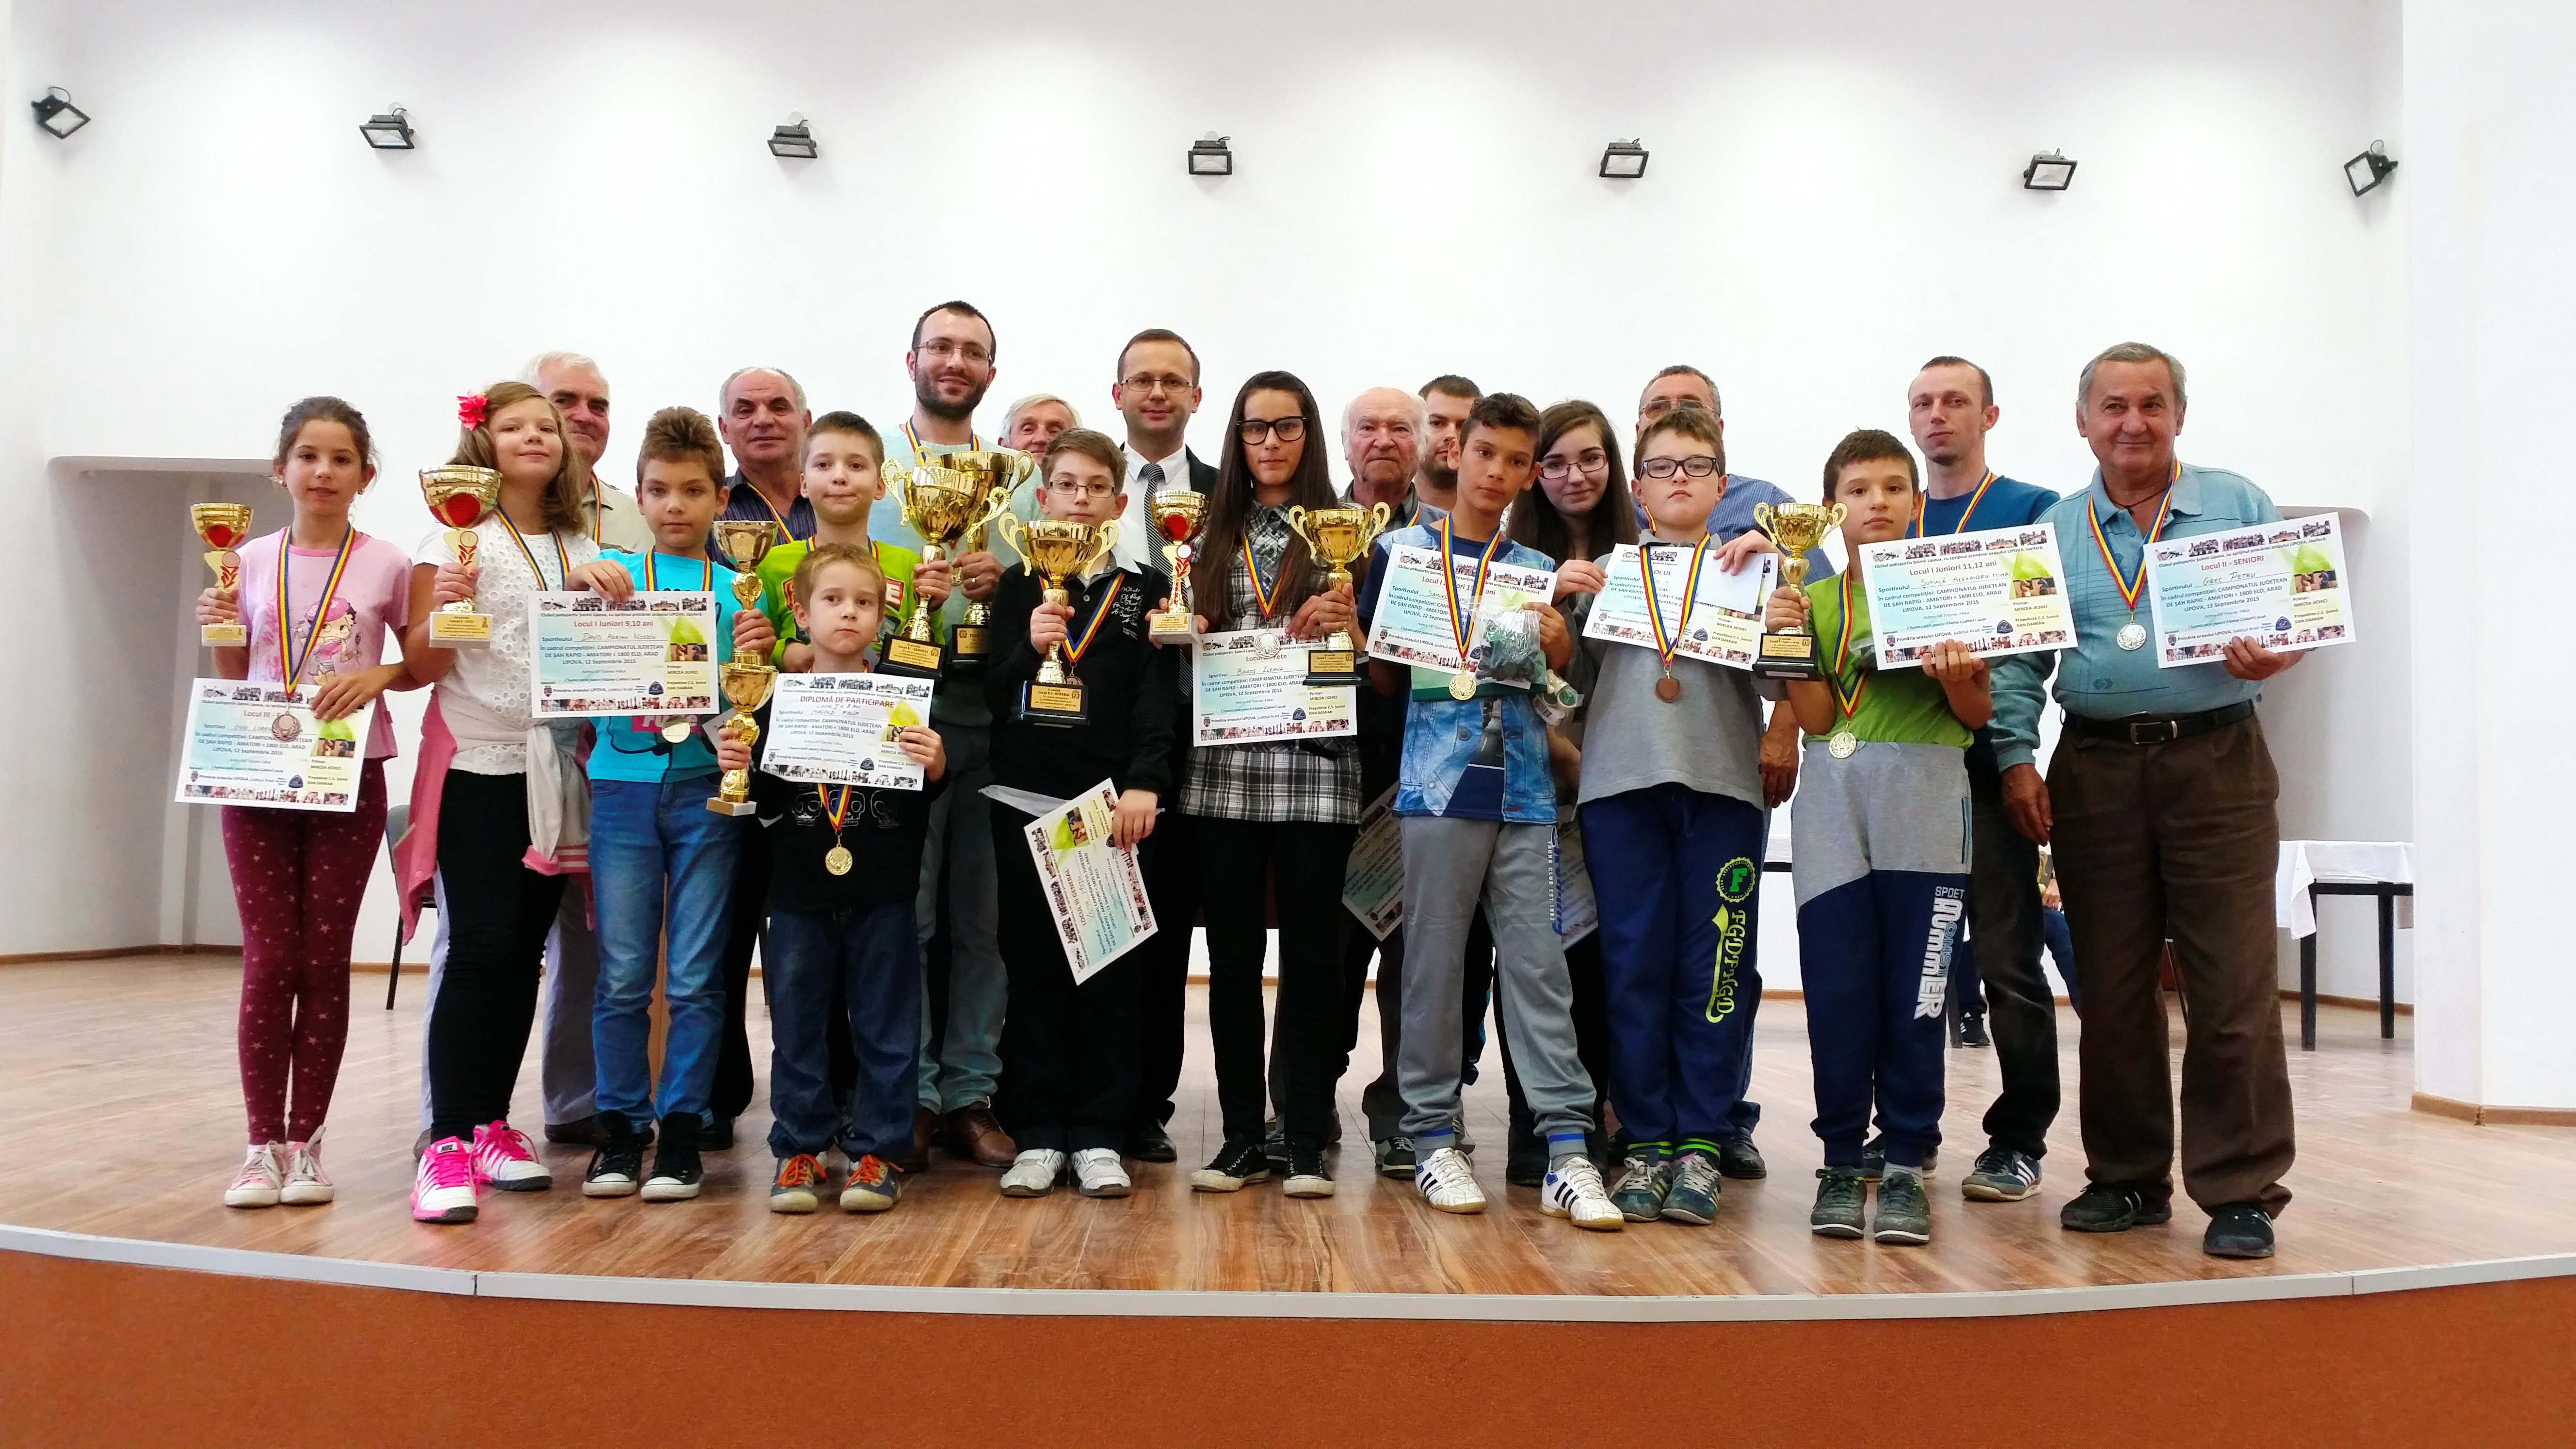 Unul din câştigătorii de pe podiumul finl al campionatului de sah de la Lipova